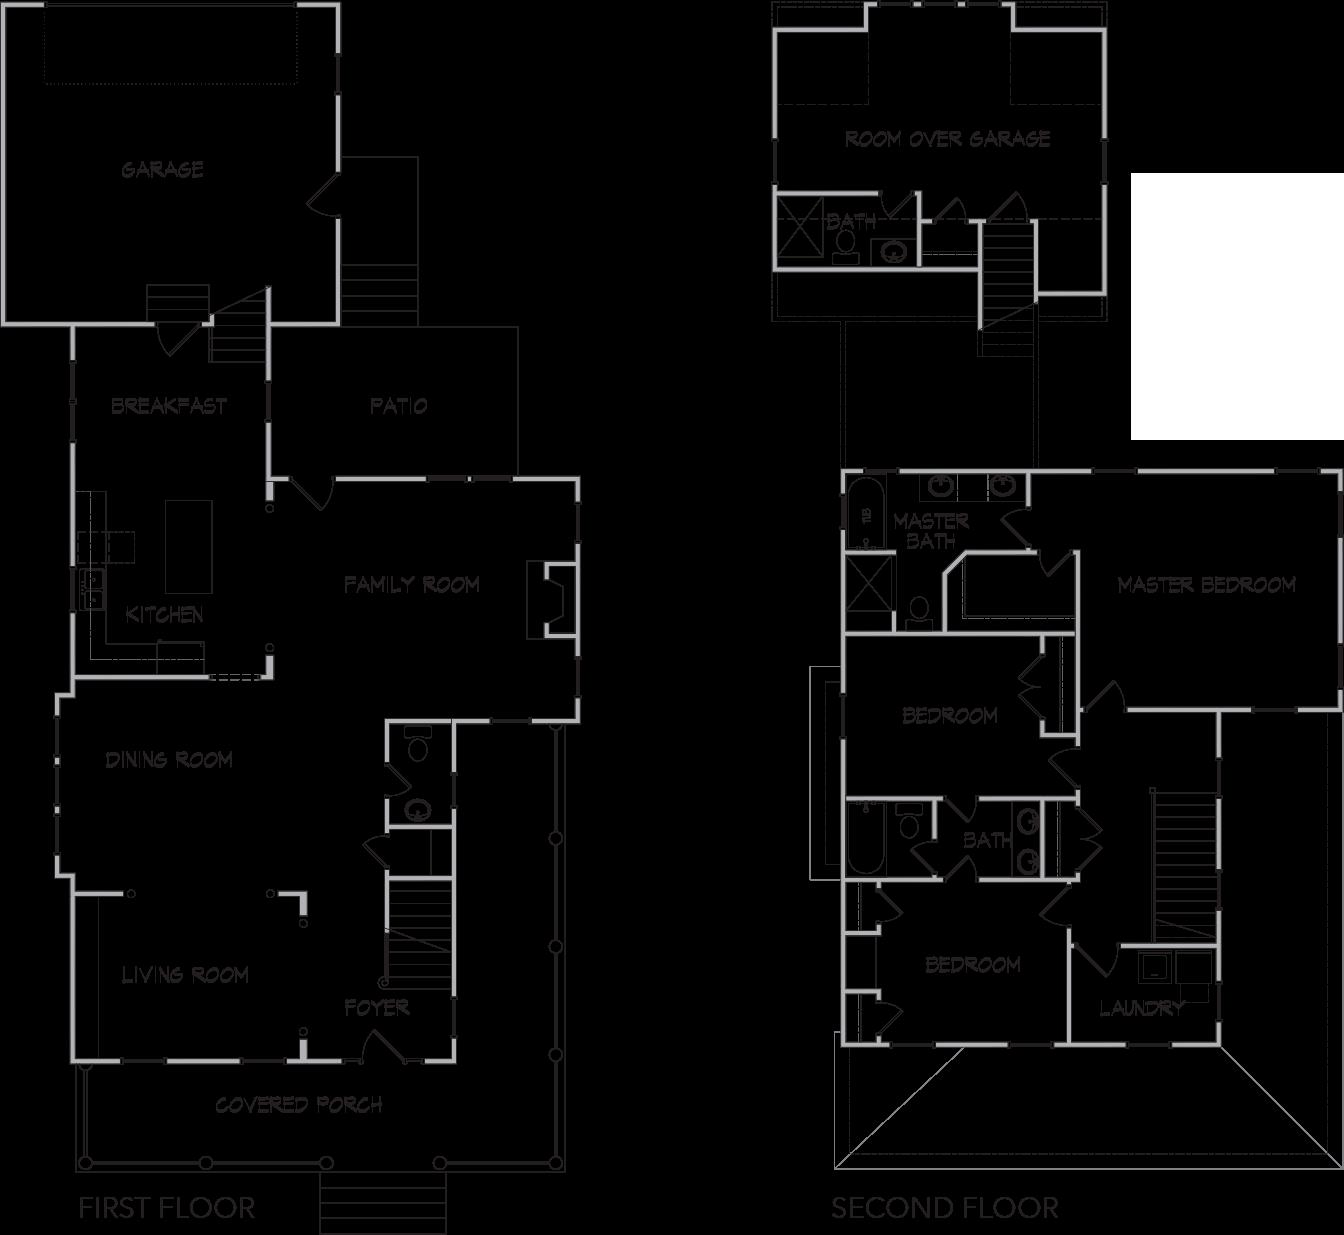 Home3-floor plan.png